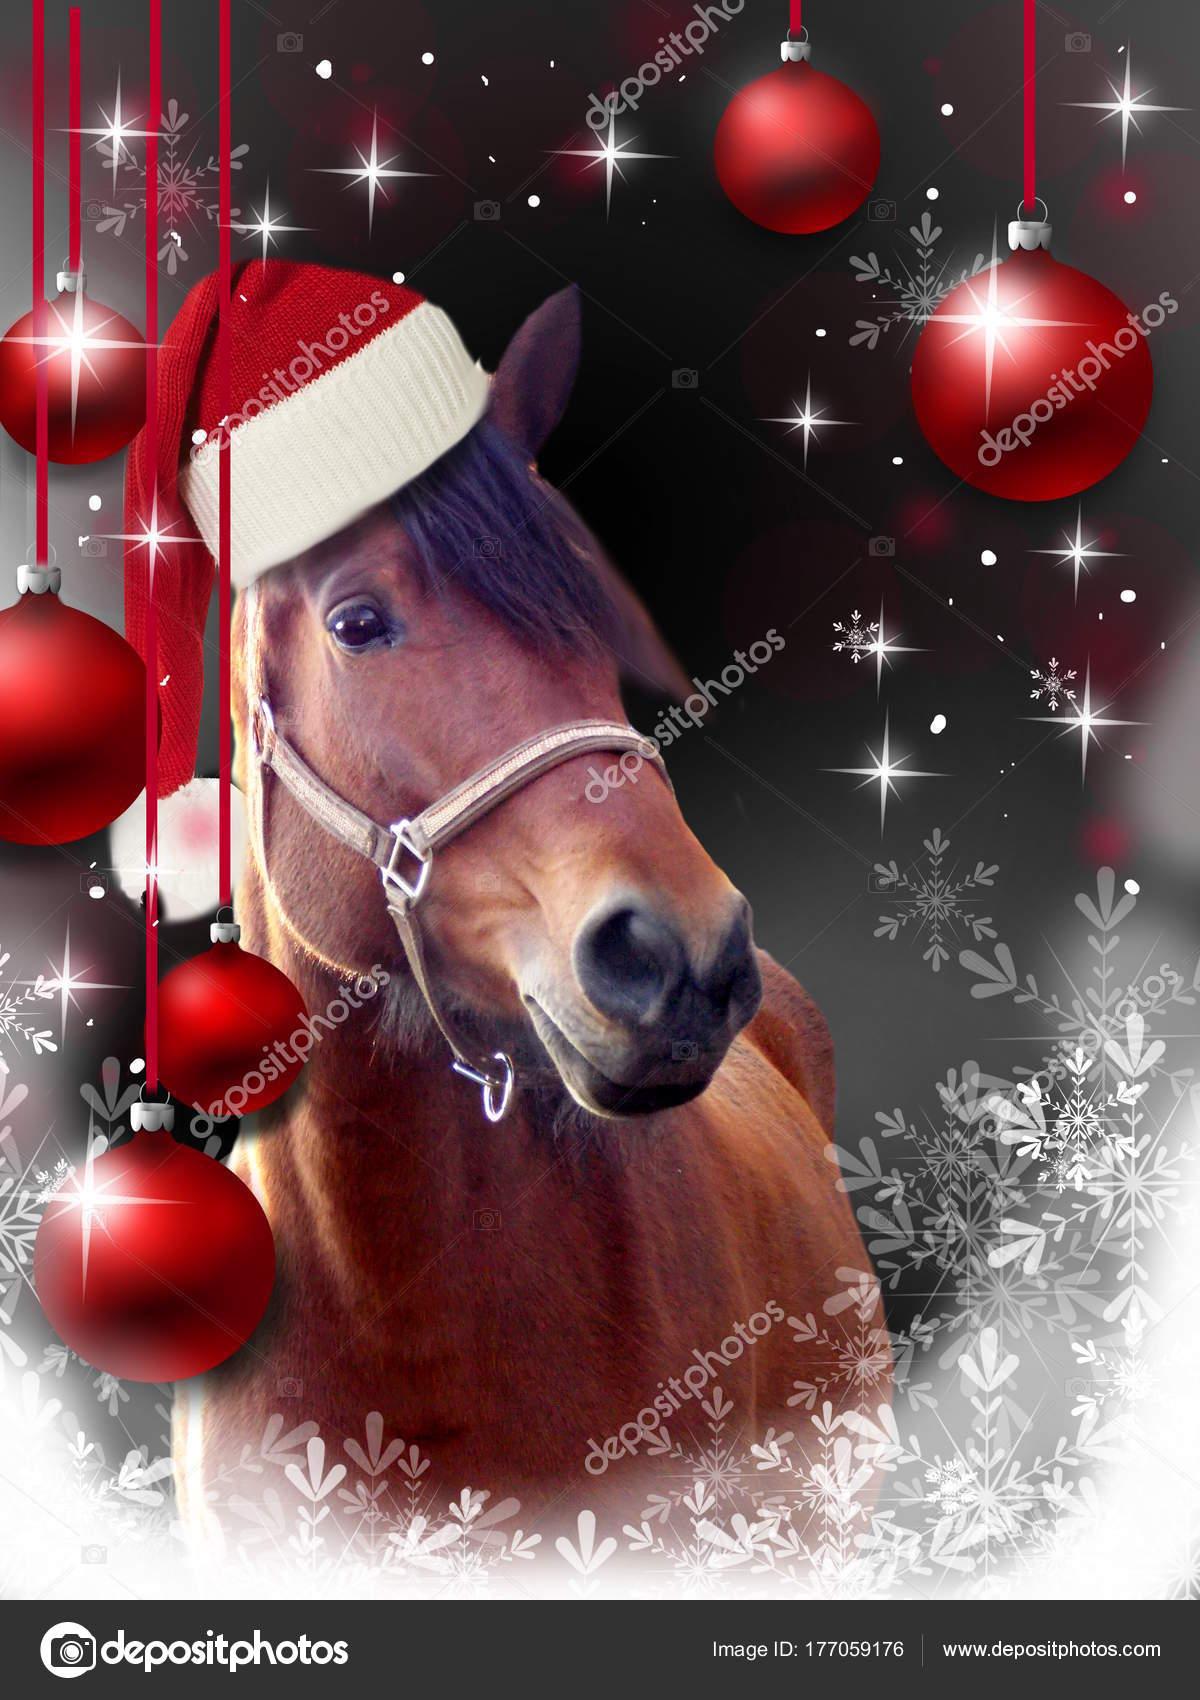 Immagini Di Natale Con Cavalli.Immagini Auguri Di Buon Natale Cavalli Cartolina D Auguri